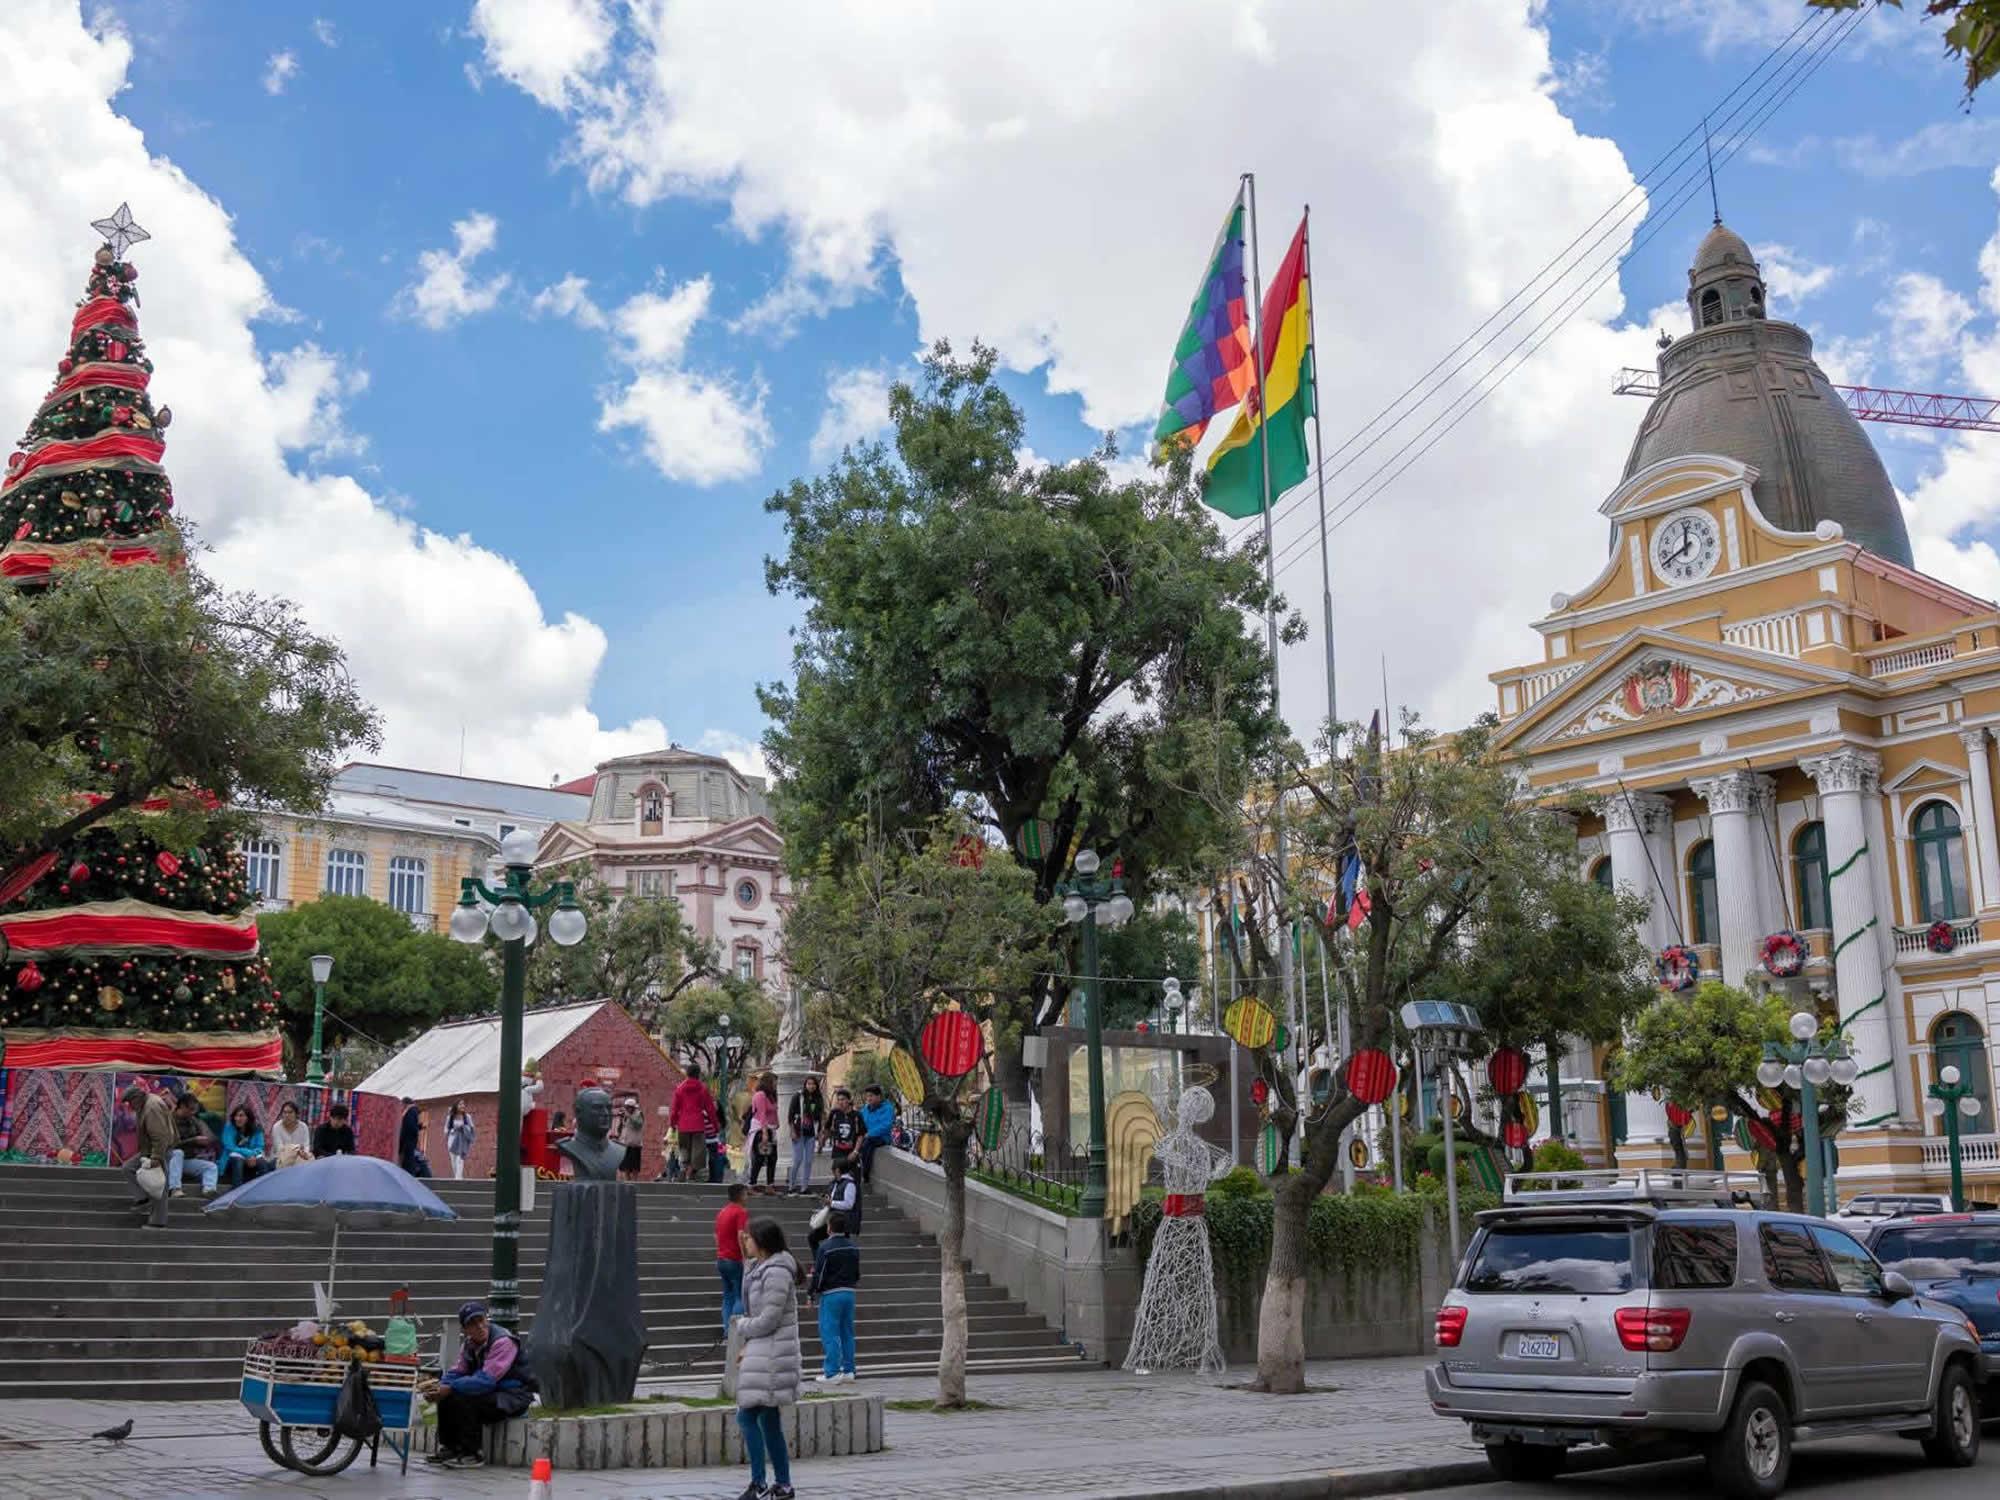 Tour Privado Maravillosa La Paz y Valle de la Luna - Medio día, Medio Día